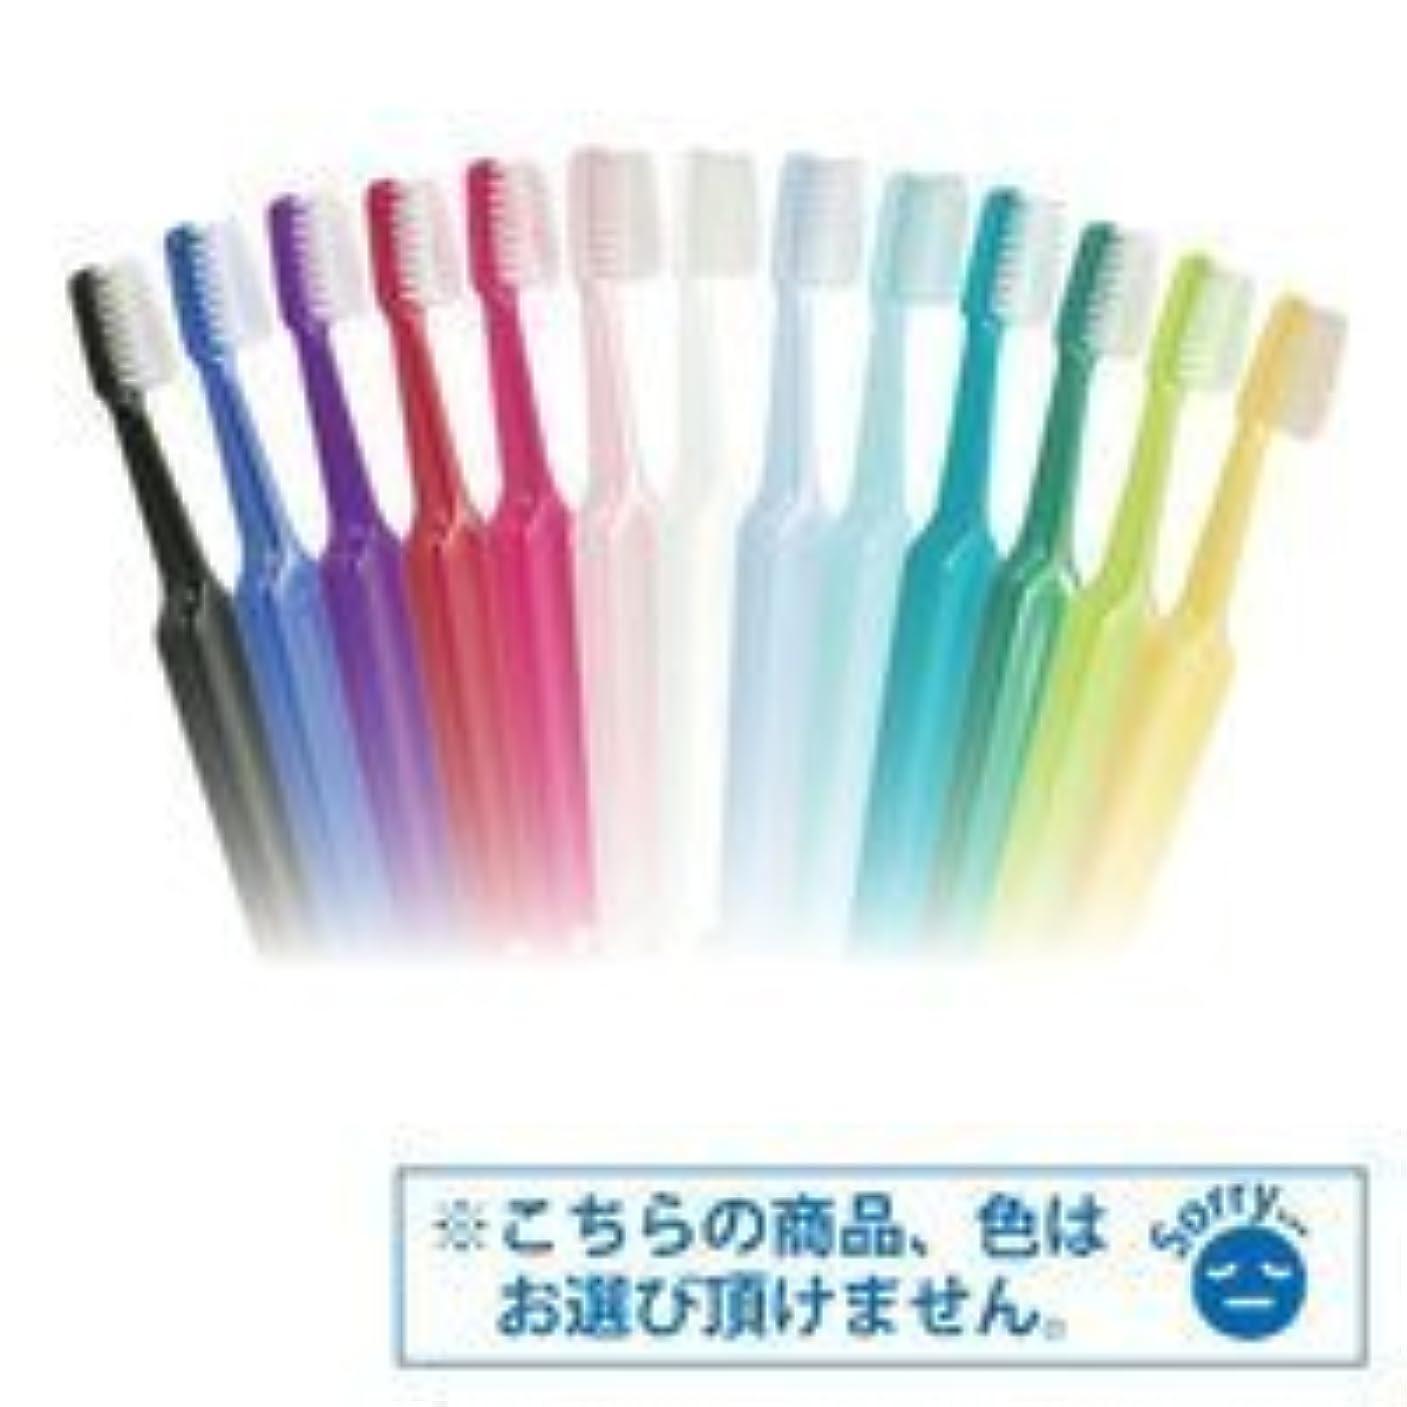 広まったロバ数学Tepe歯ブラシ セレクトコンパクト/エクストラソフト 25本/箱